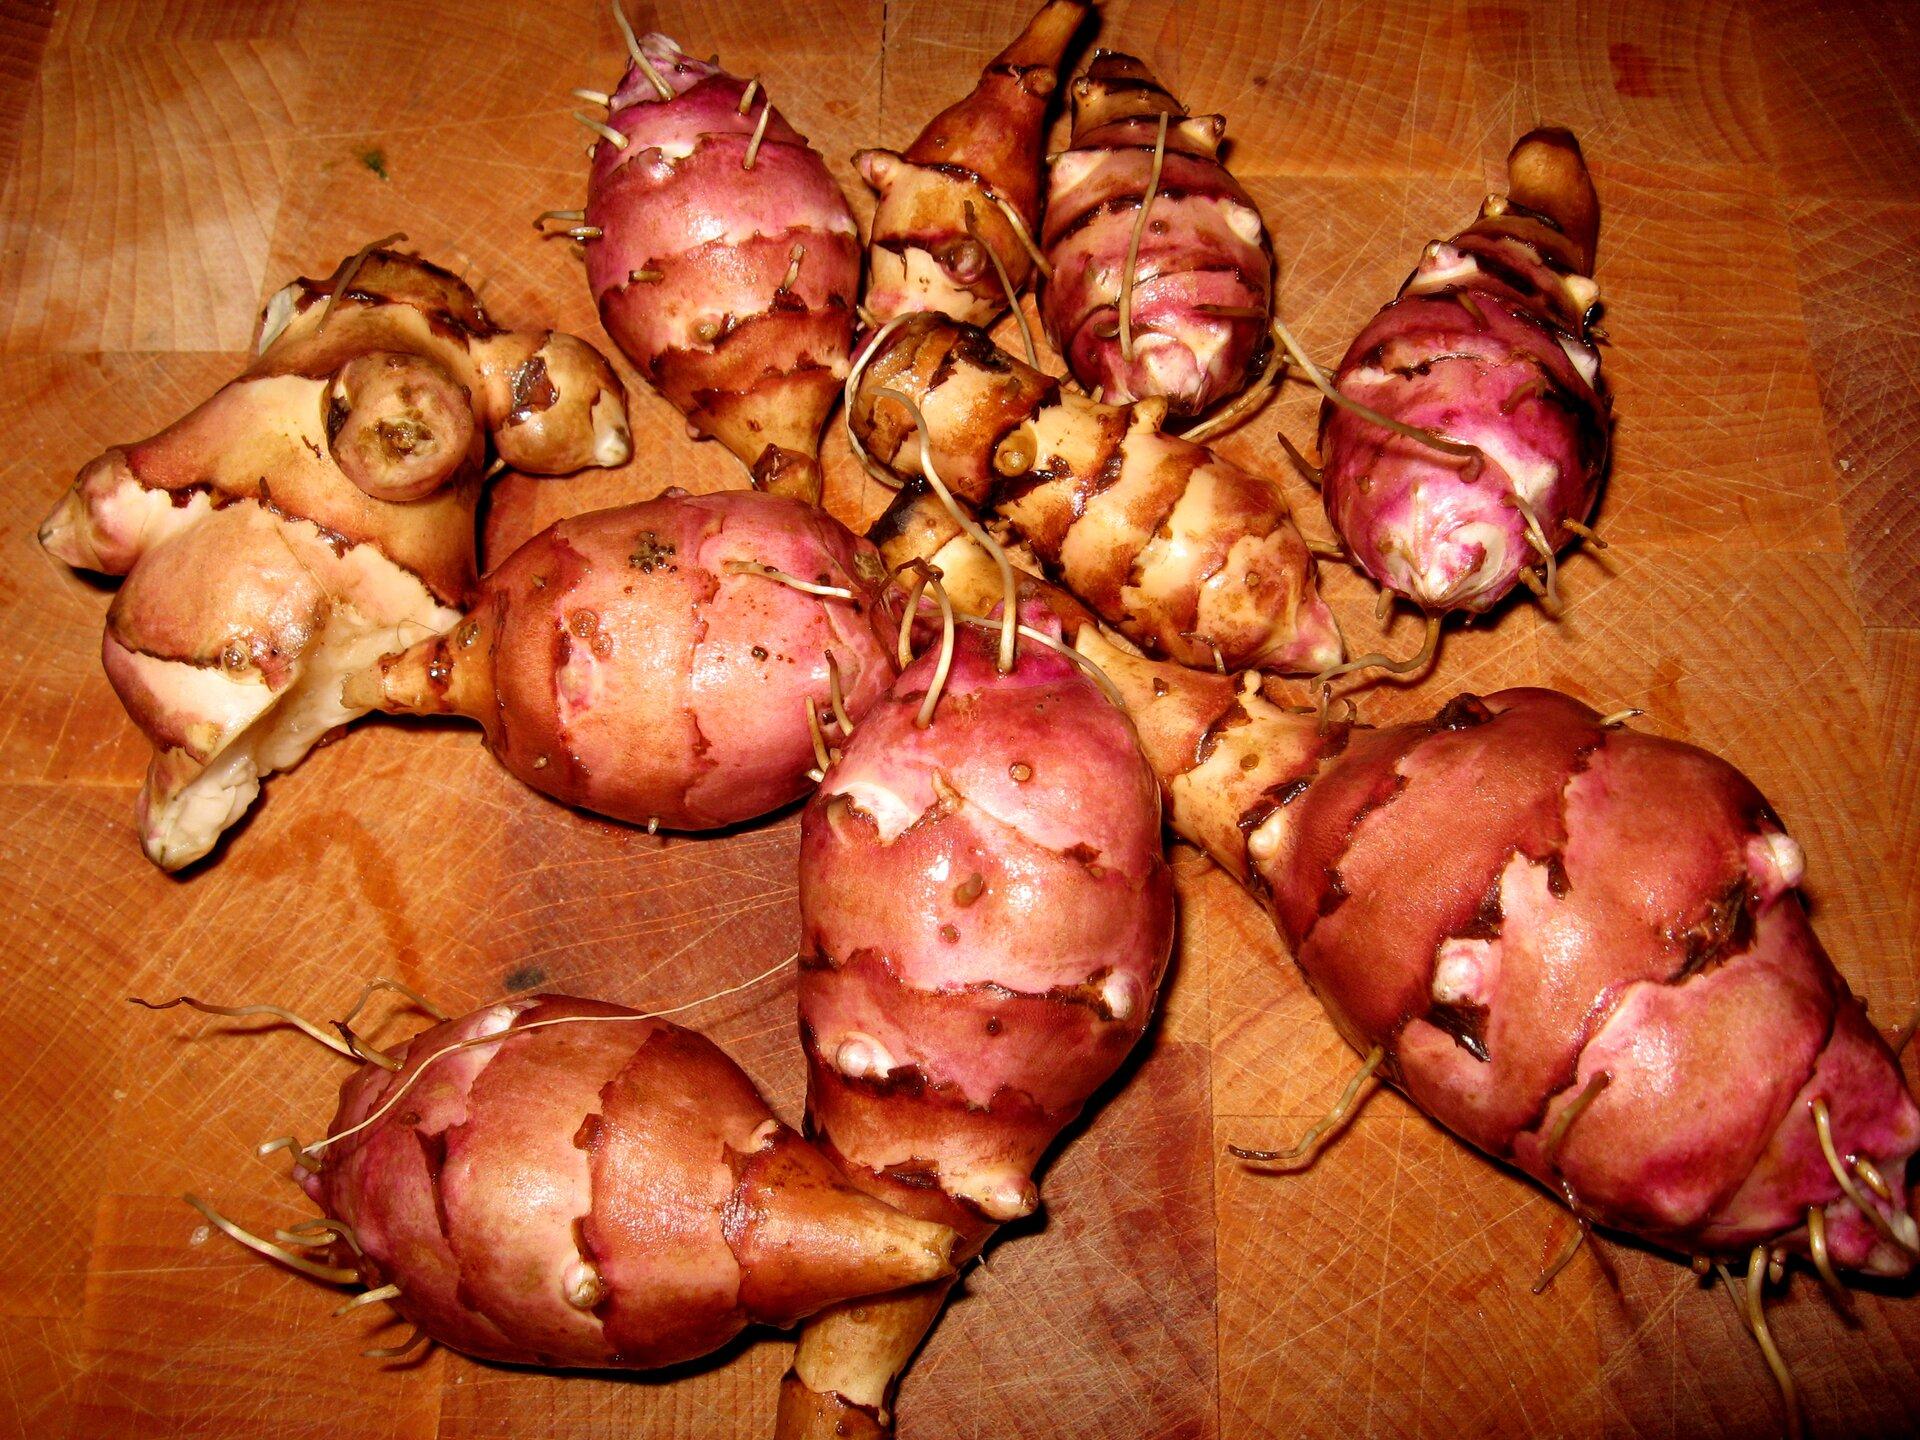 Fotografia przedstawia kilka beczułkowatych, brązowo – różowych bulw topinamburu na stole.